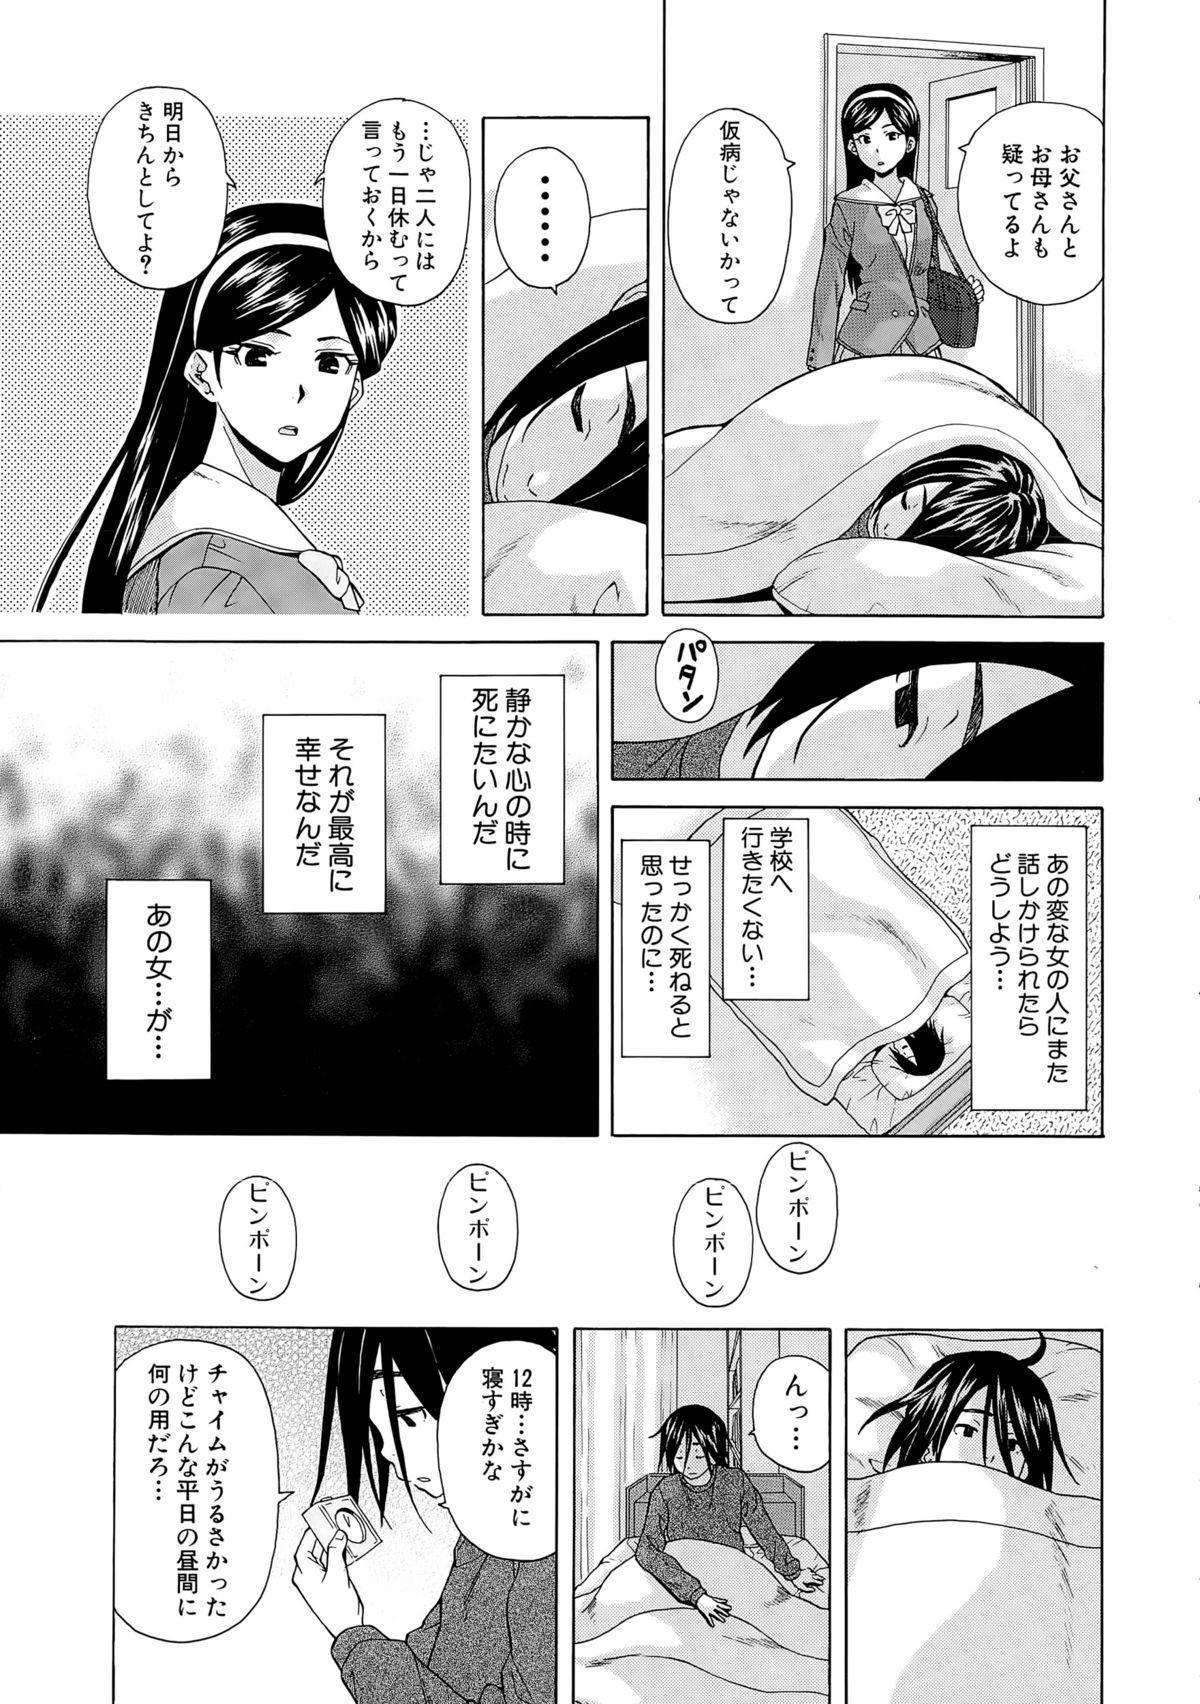 Boku to Kanojo to Yuurei to Ch. 1-3 10